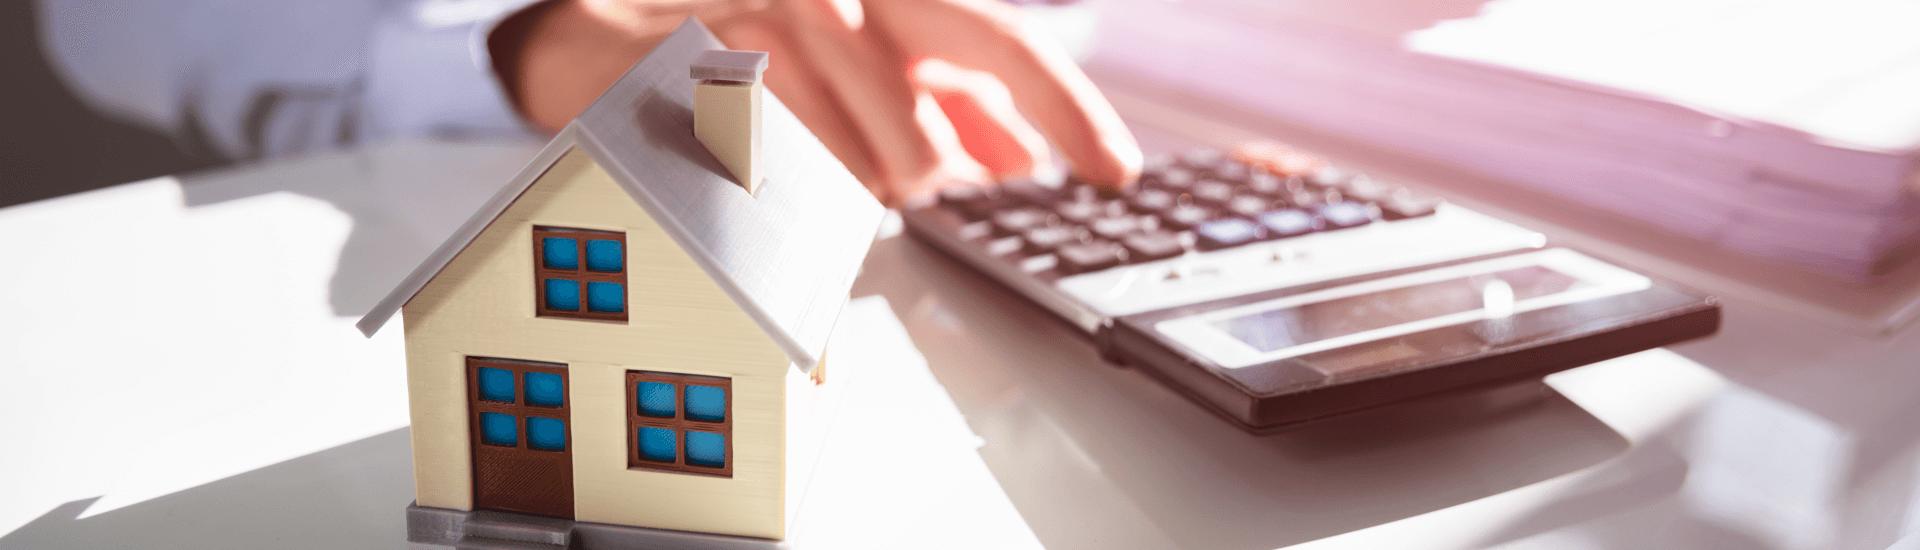 was-ist-immobilienfinanzierung-oben